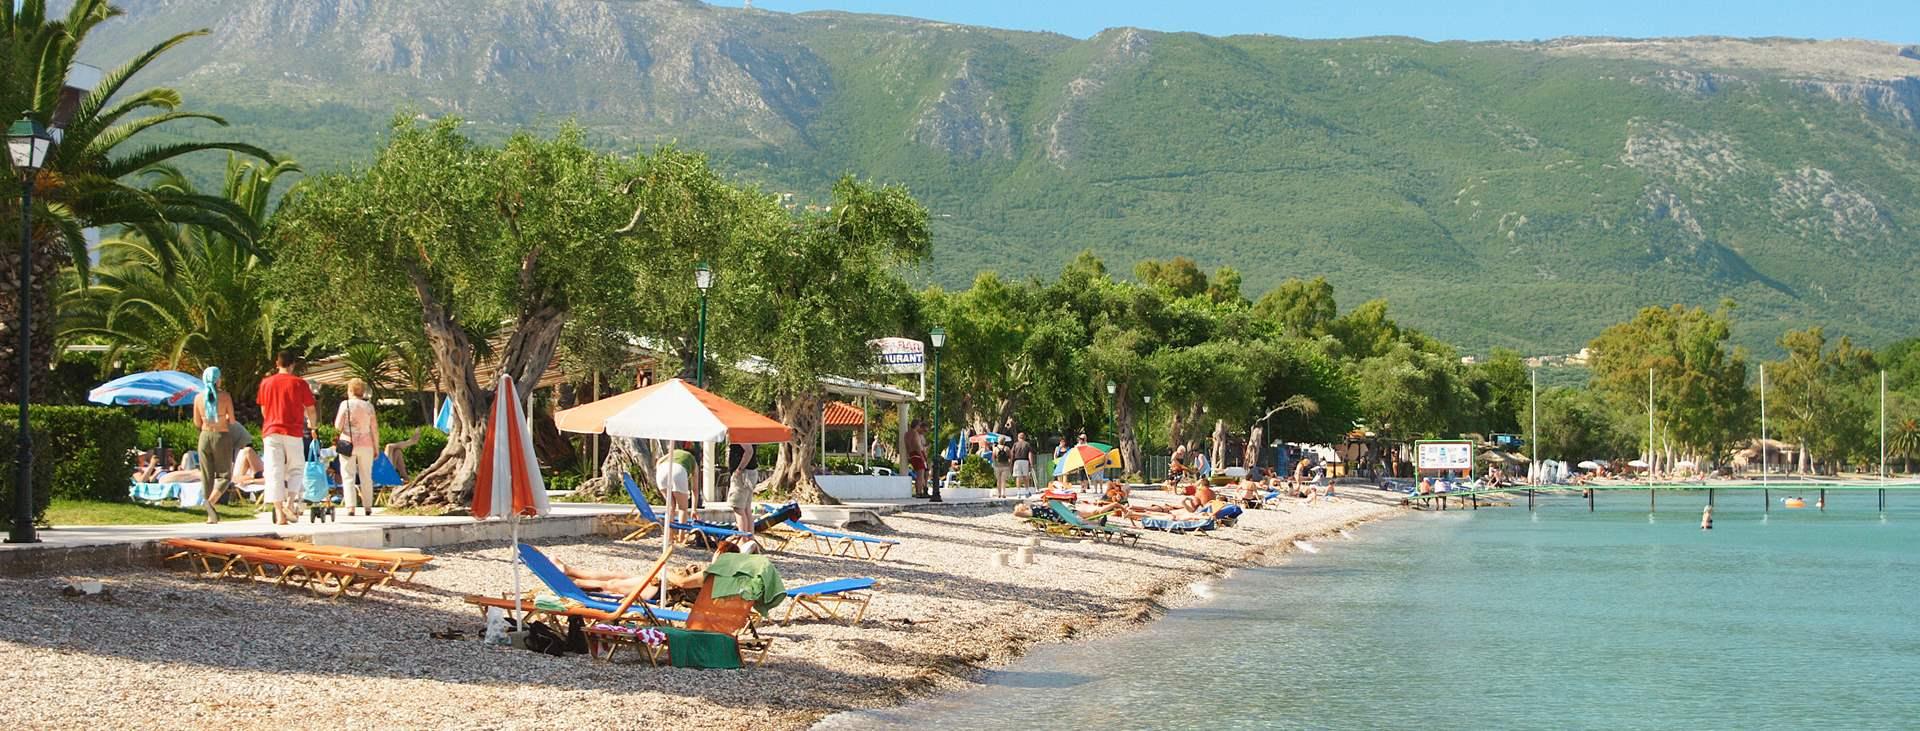 Resor till Dassia i Grekland